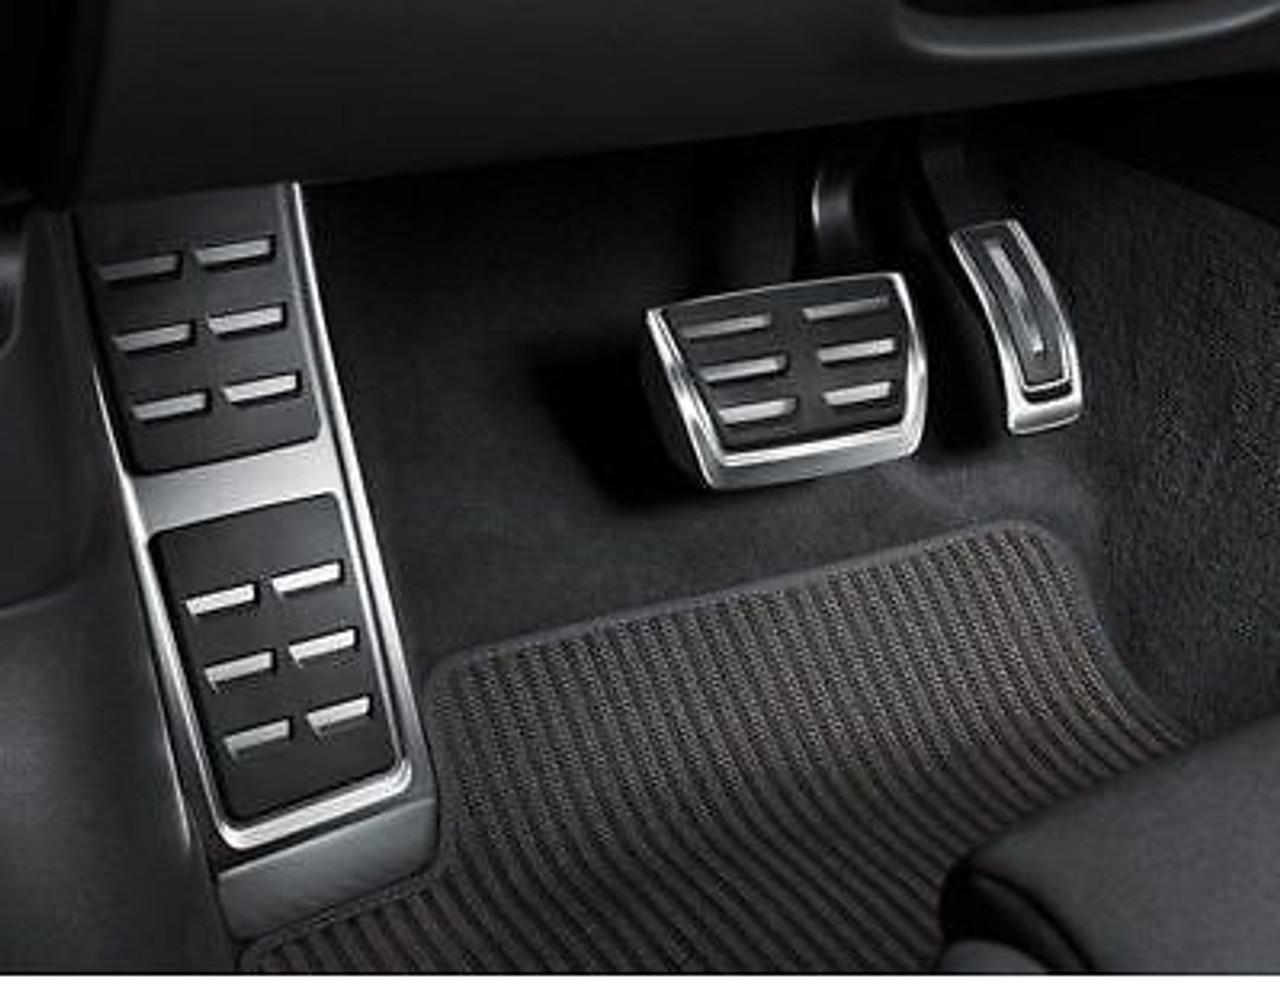 Audi A6 A7 2019+ Aluminium Pedal Set - Automatic